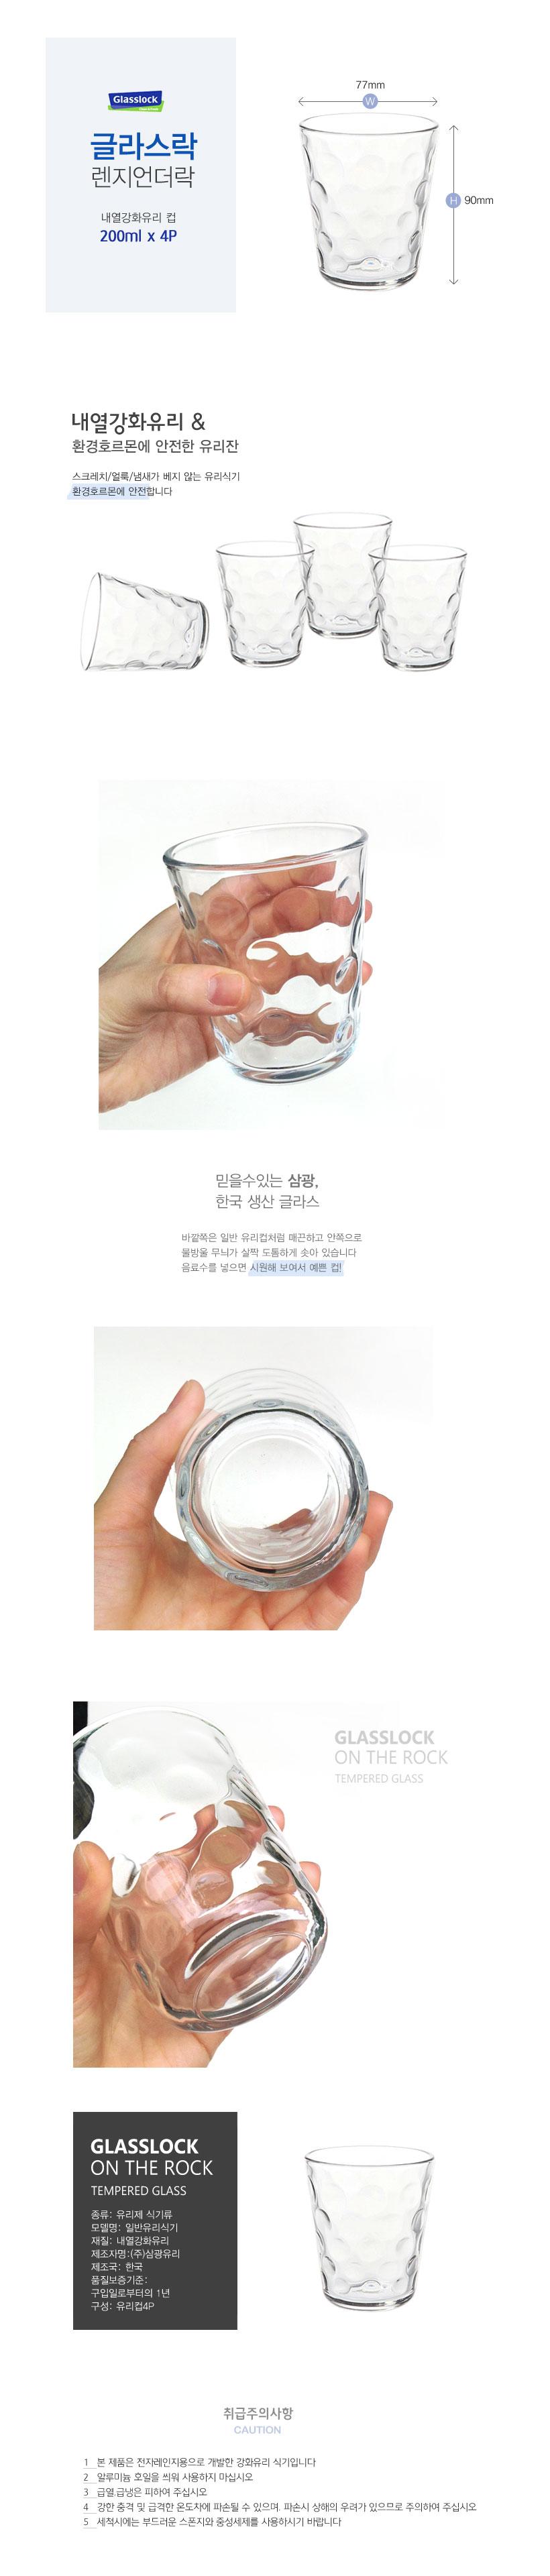 글라스락 물방울 렌지 언더락 200ml 4P - 재미있는생활, 8,000원, 유리컵/술잔, 유리컵